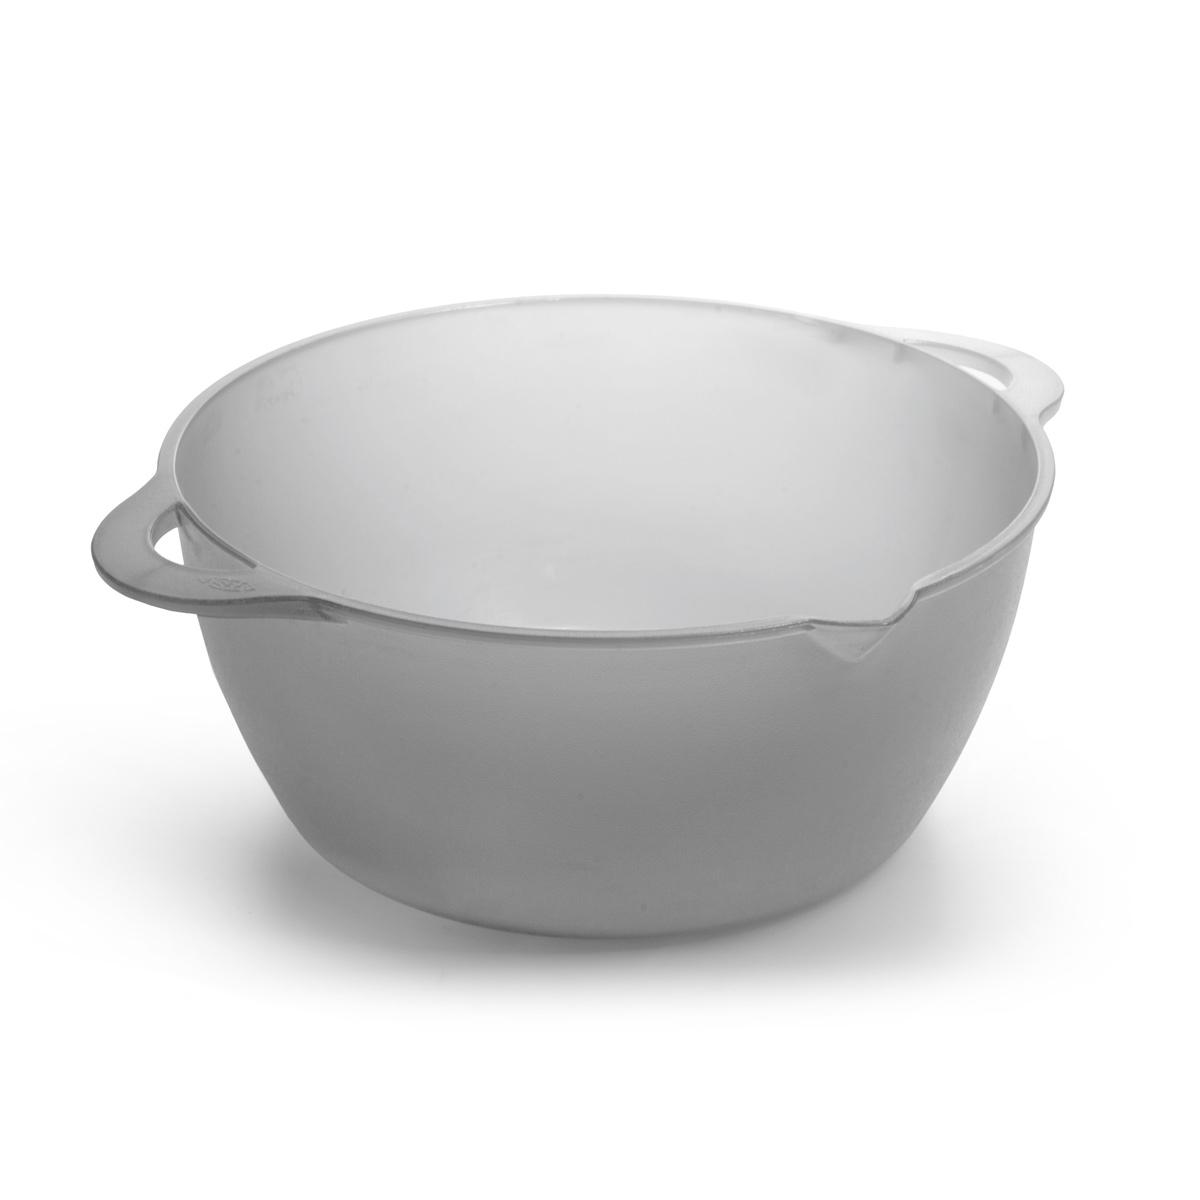 Μπωλ Ανάμειξης Άννα Λύση Le Chef Γκρι 2358/16